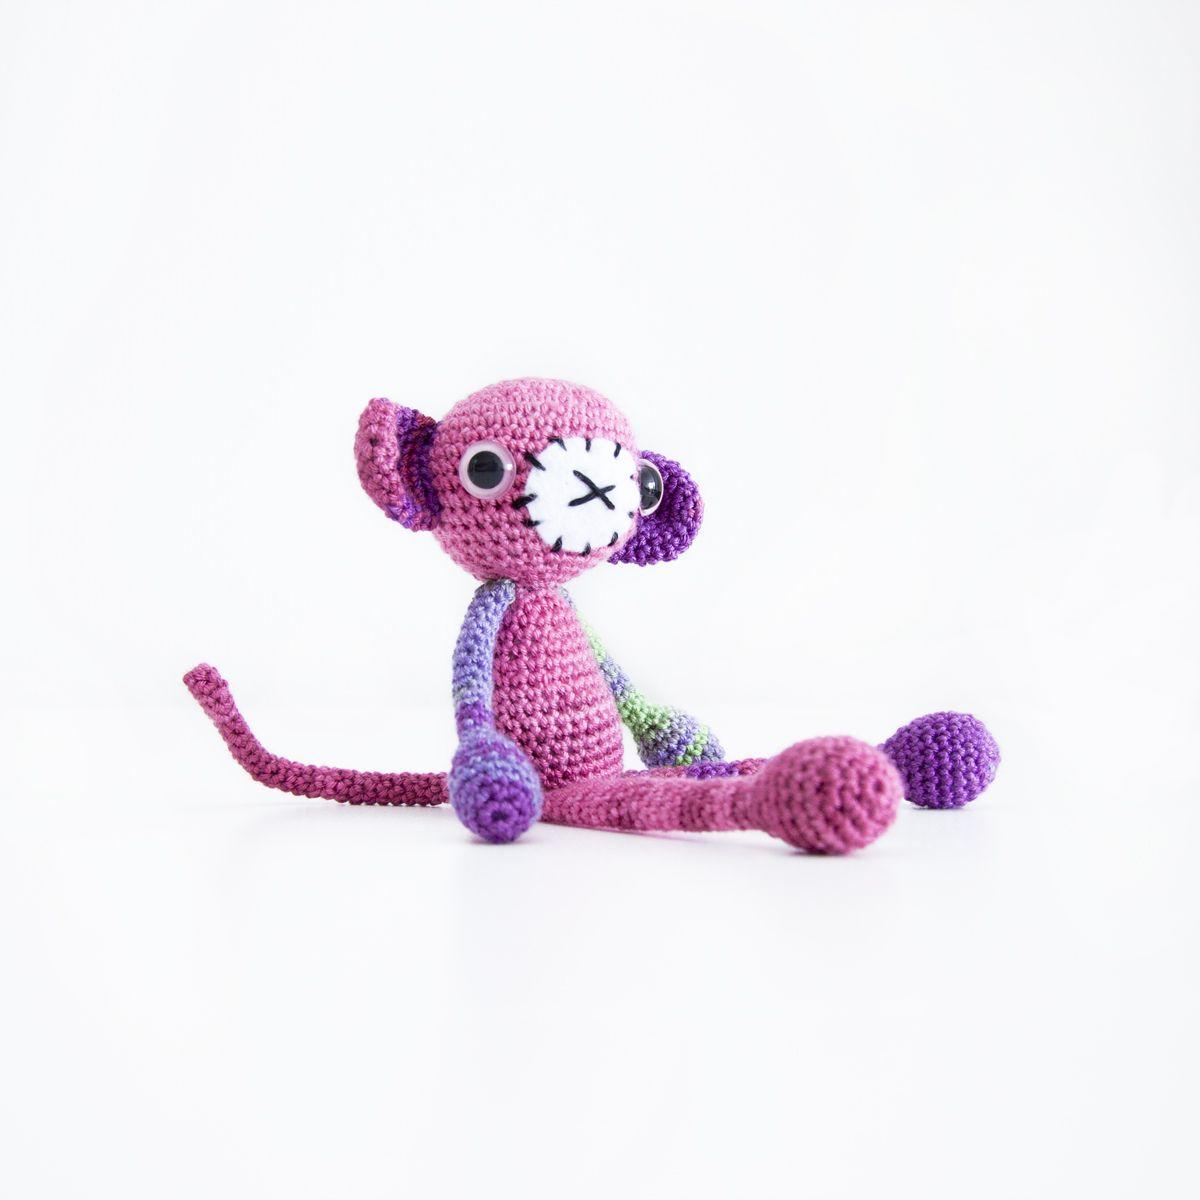 Geir the Crochet Monkey Free Amiguurmi English Pattern | Amigurumi ...